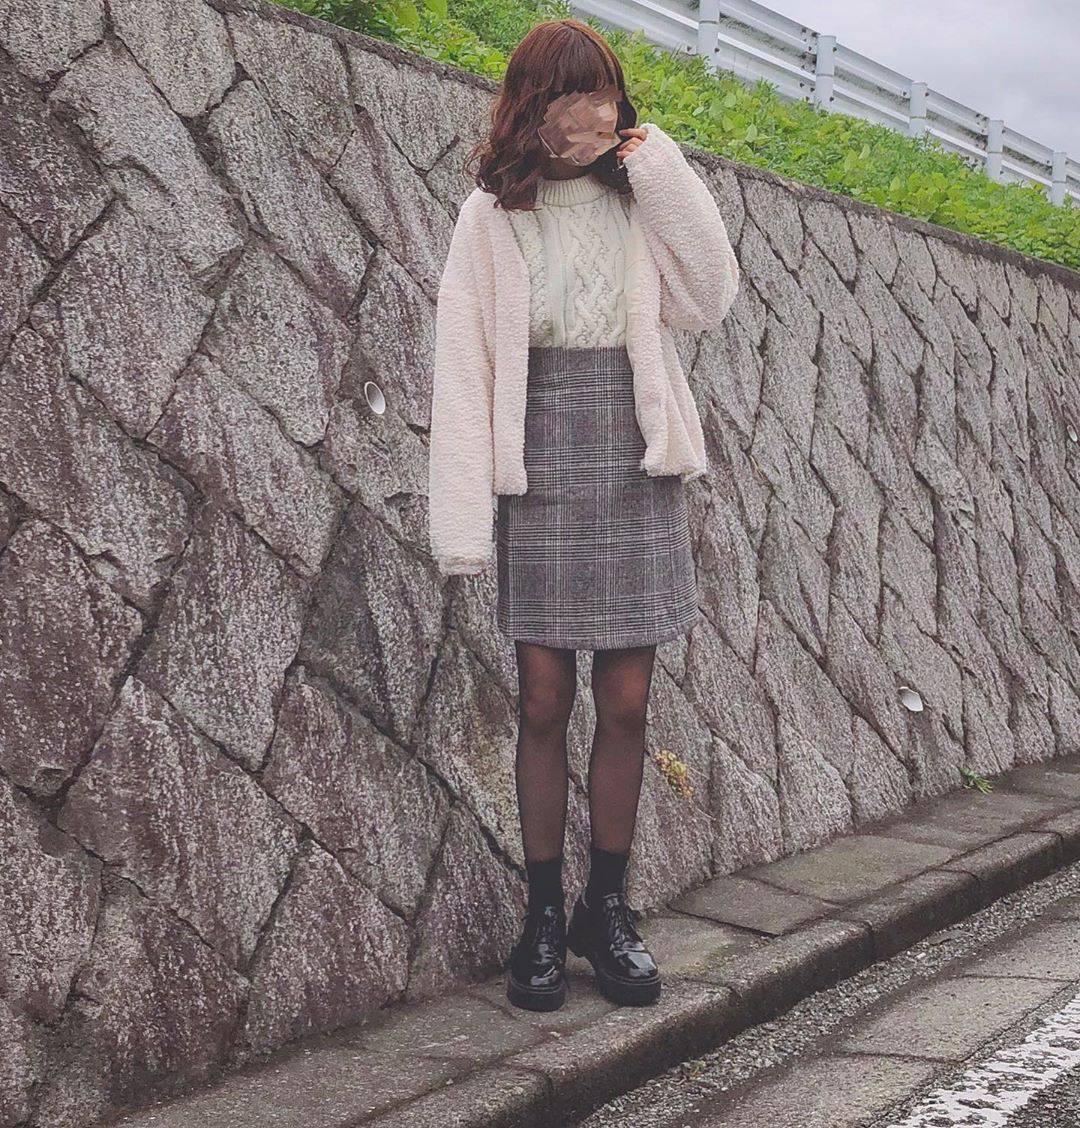 最高気温11度・最低気温4度 flower_22227の服装